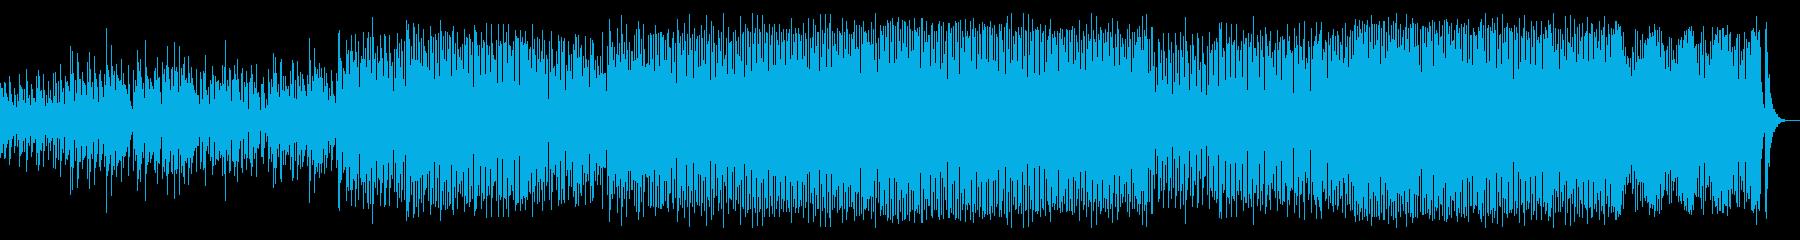 7/4のボレロ・非日常的日常系BGMの再生済みの波形